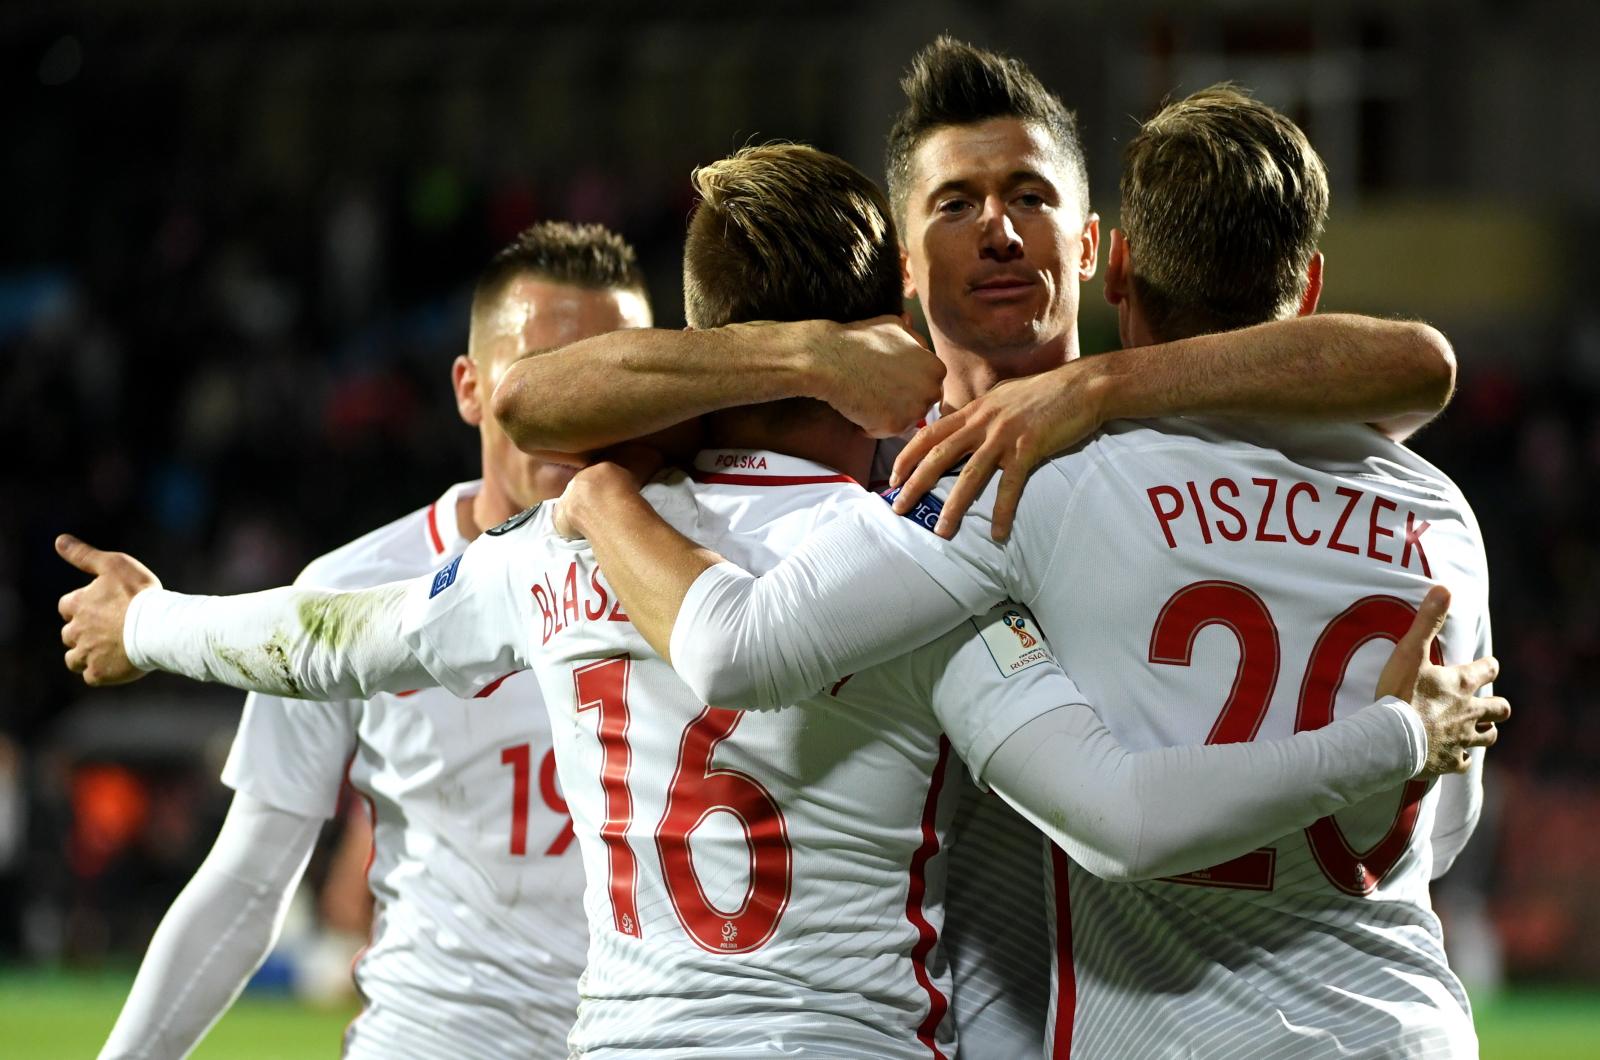 Piłkarze reprezentacji Polski cieszą się z gola podczas meczu grupy E eliminacji mistrzostw świata z Armenią.